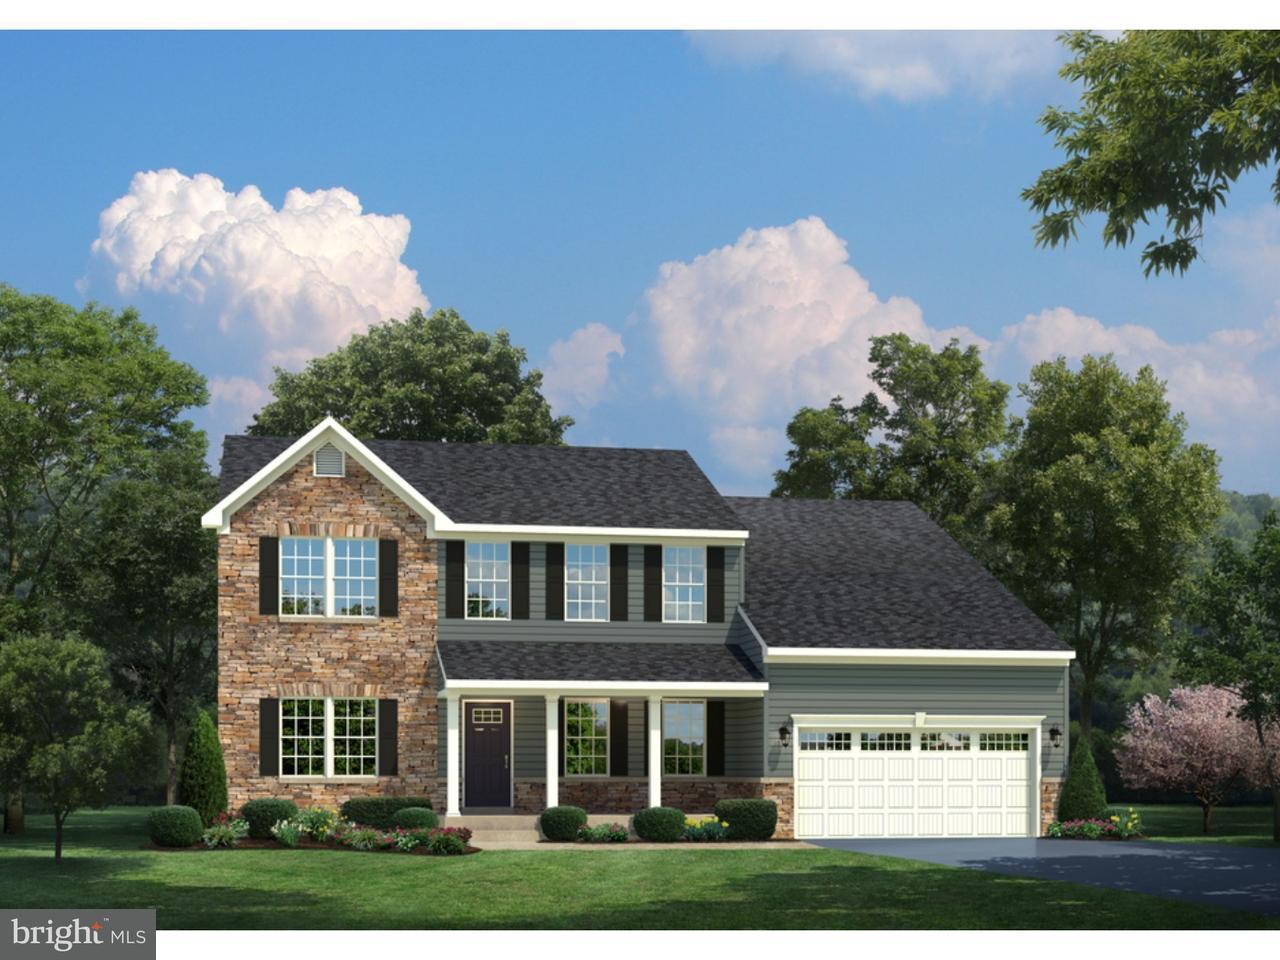 Частный односемейный дом для того Продажа на 1007 DOMINO Lane Warminster, Пенсильвания 18974 Соединенные Штаты